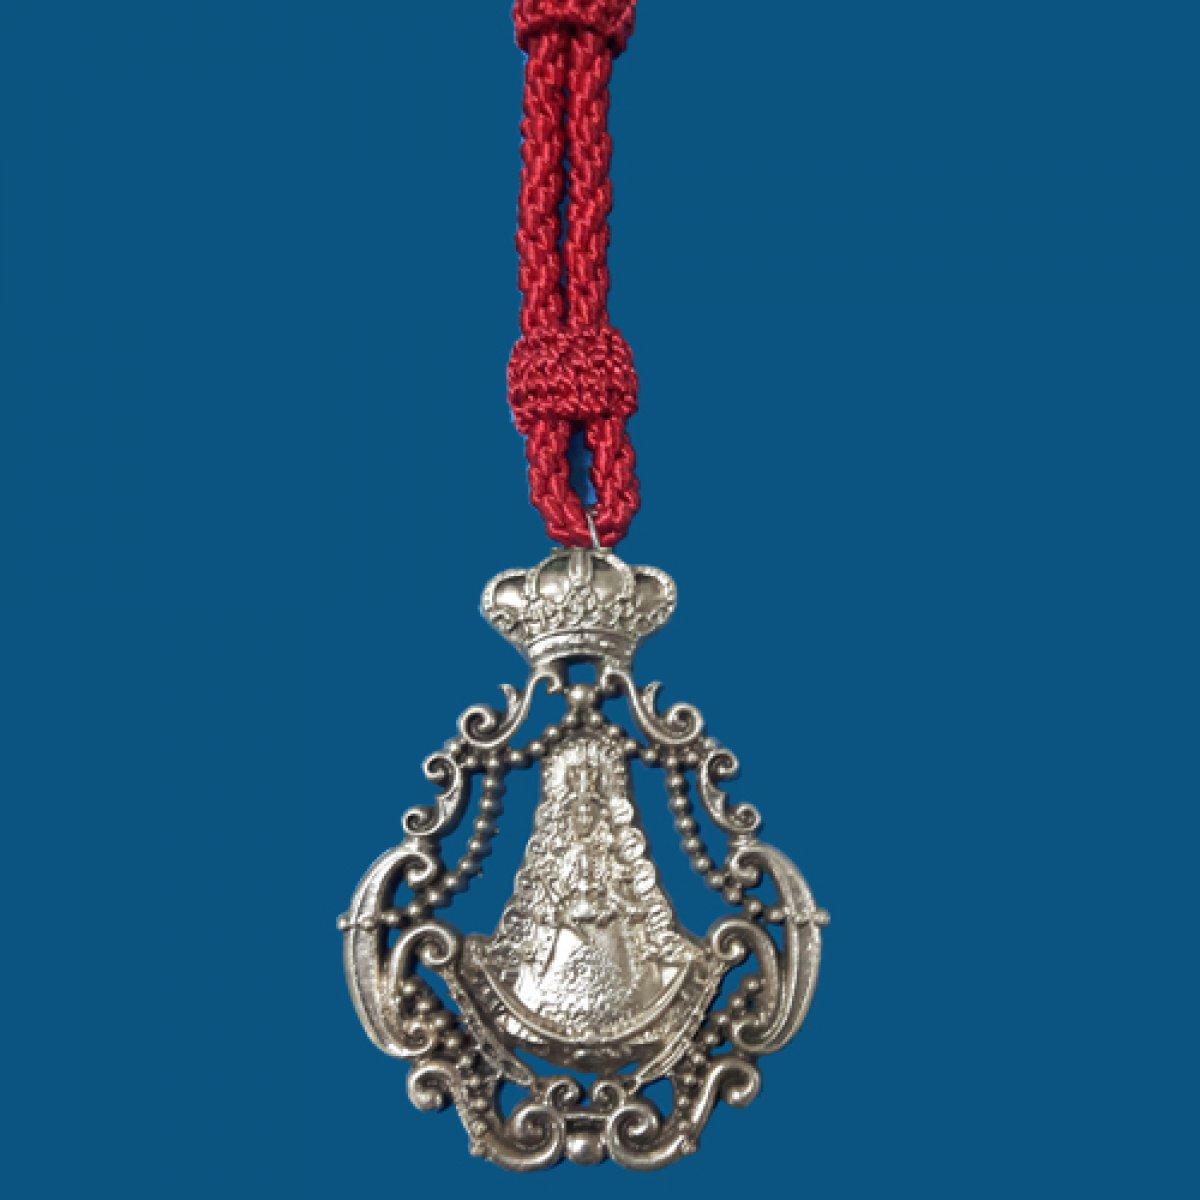 Medalla 24